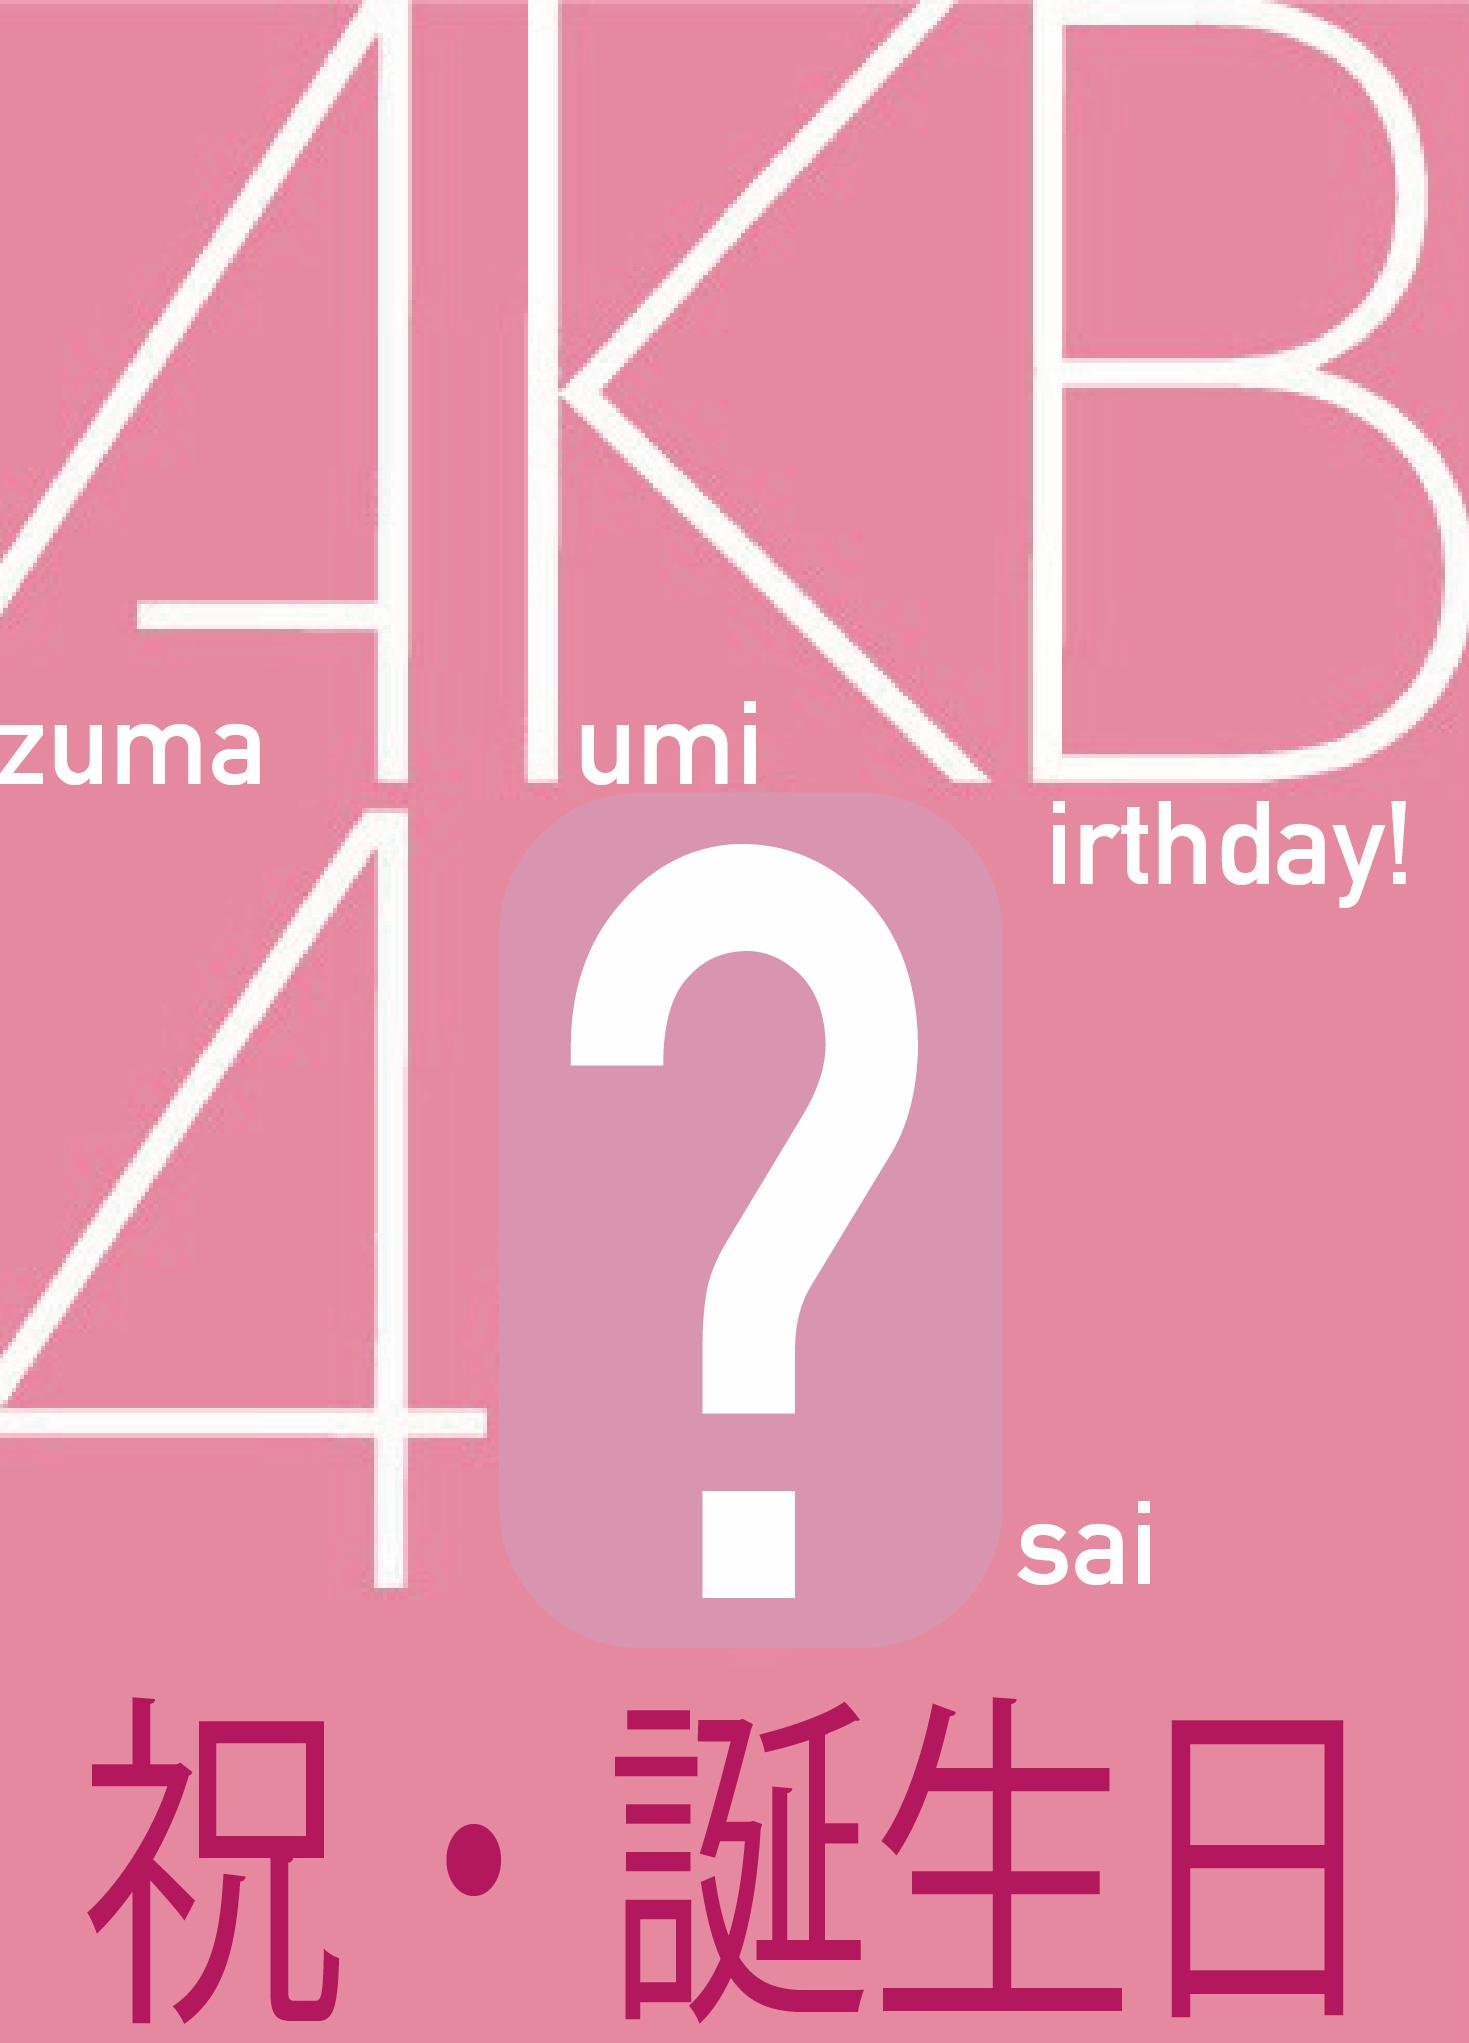 3月11日は妻の誕生日。AKB4?になりました。